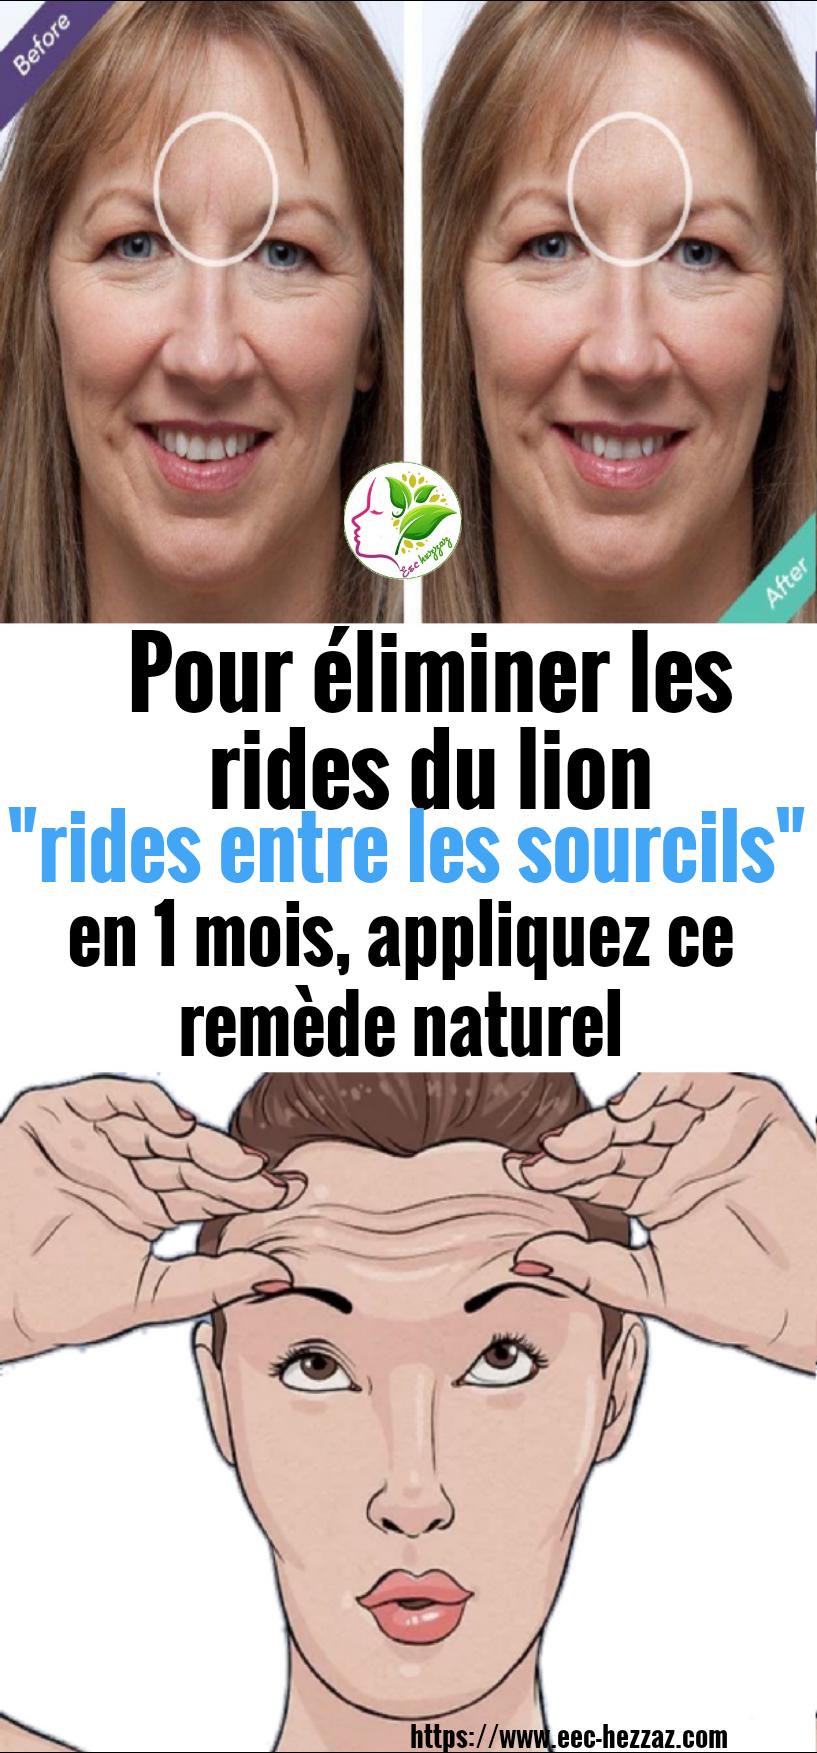 """Pour éliminer les rides du lion """"rides entre les sourcils"""" en 1 mois, appliquez ce remède naturel"""